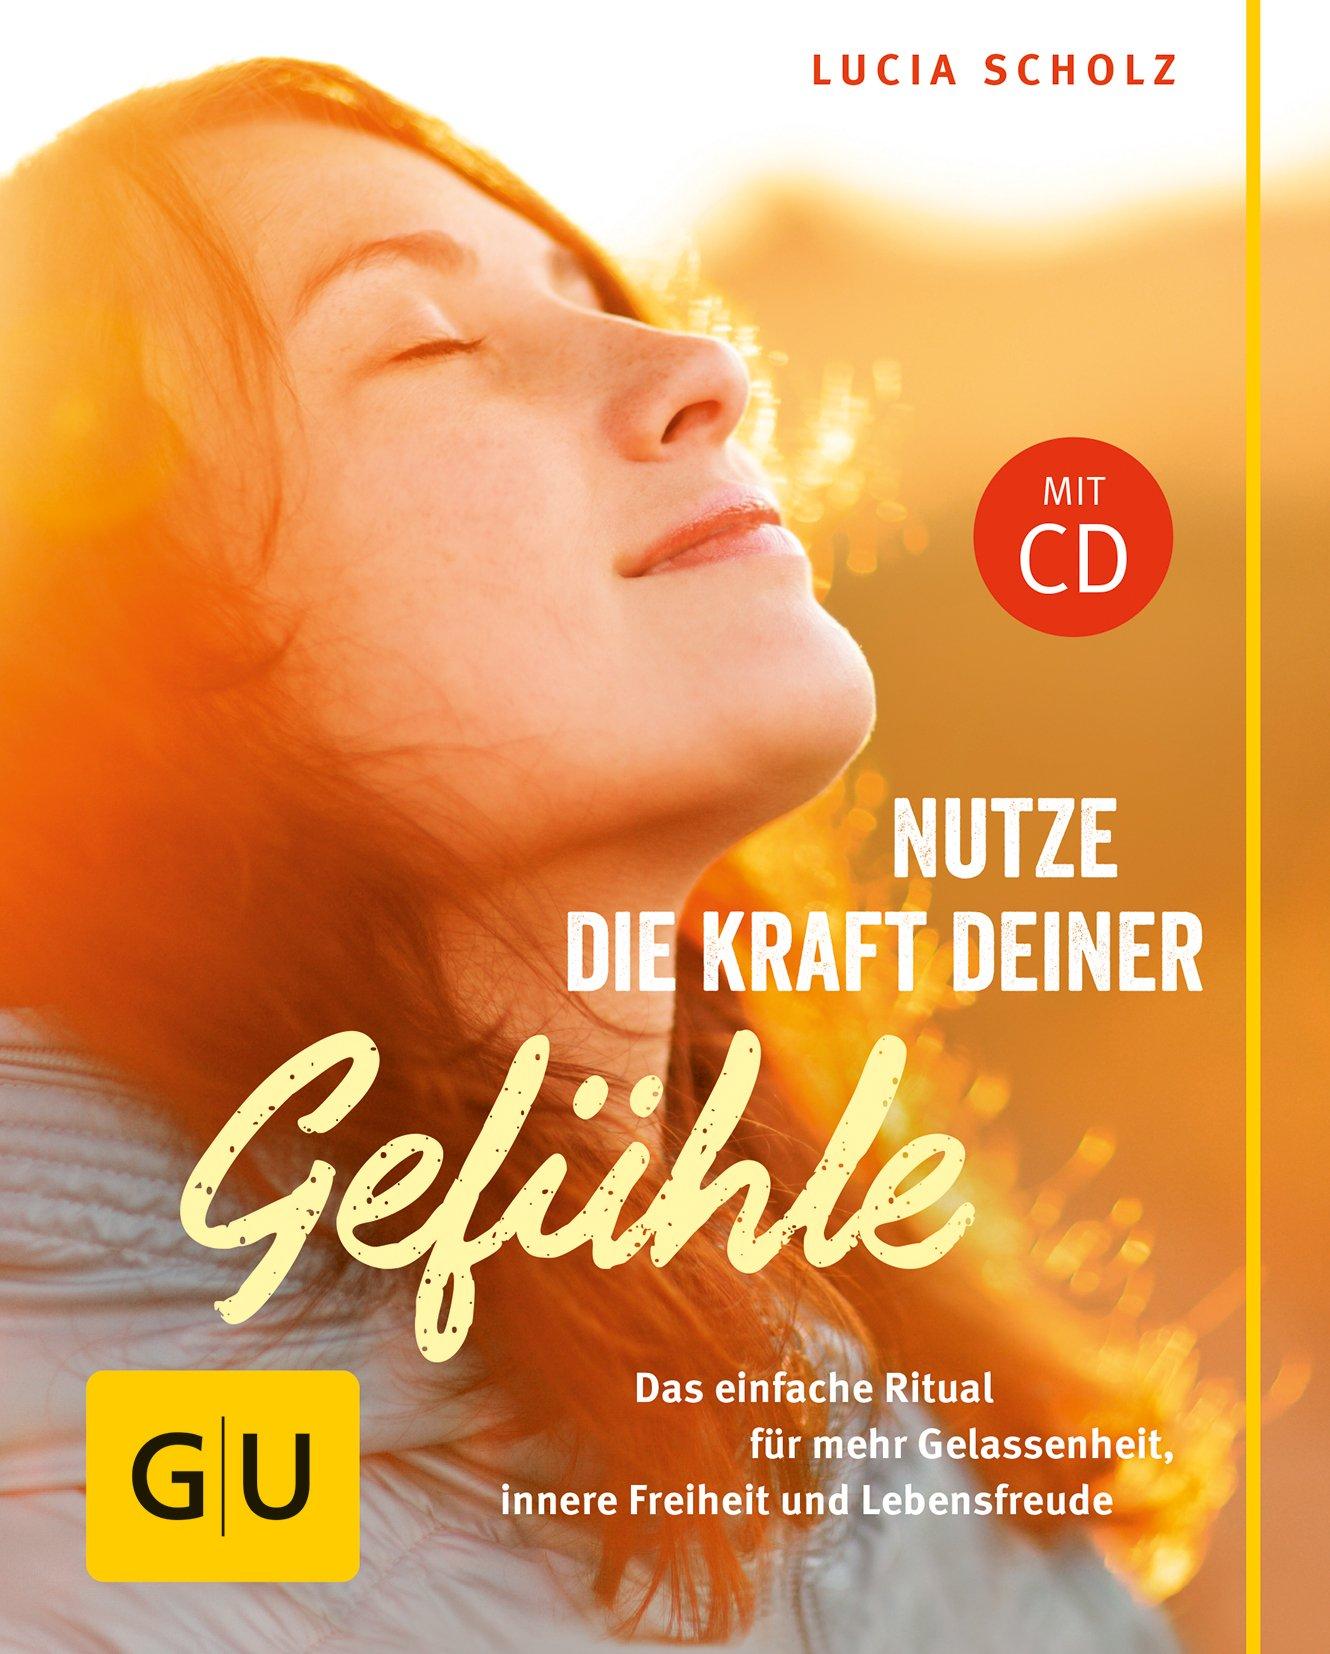 Nutze die Kraft deiner Gefühle (mit CD): Der einfache Weg zu Gelassenheit, Glück und tiefer Zufriedenheit (GU Mind & Soul Kleiner Coach)